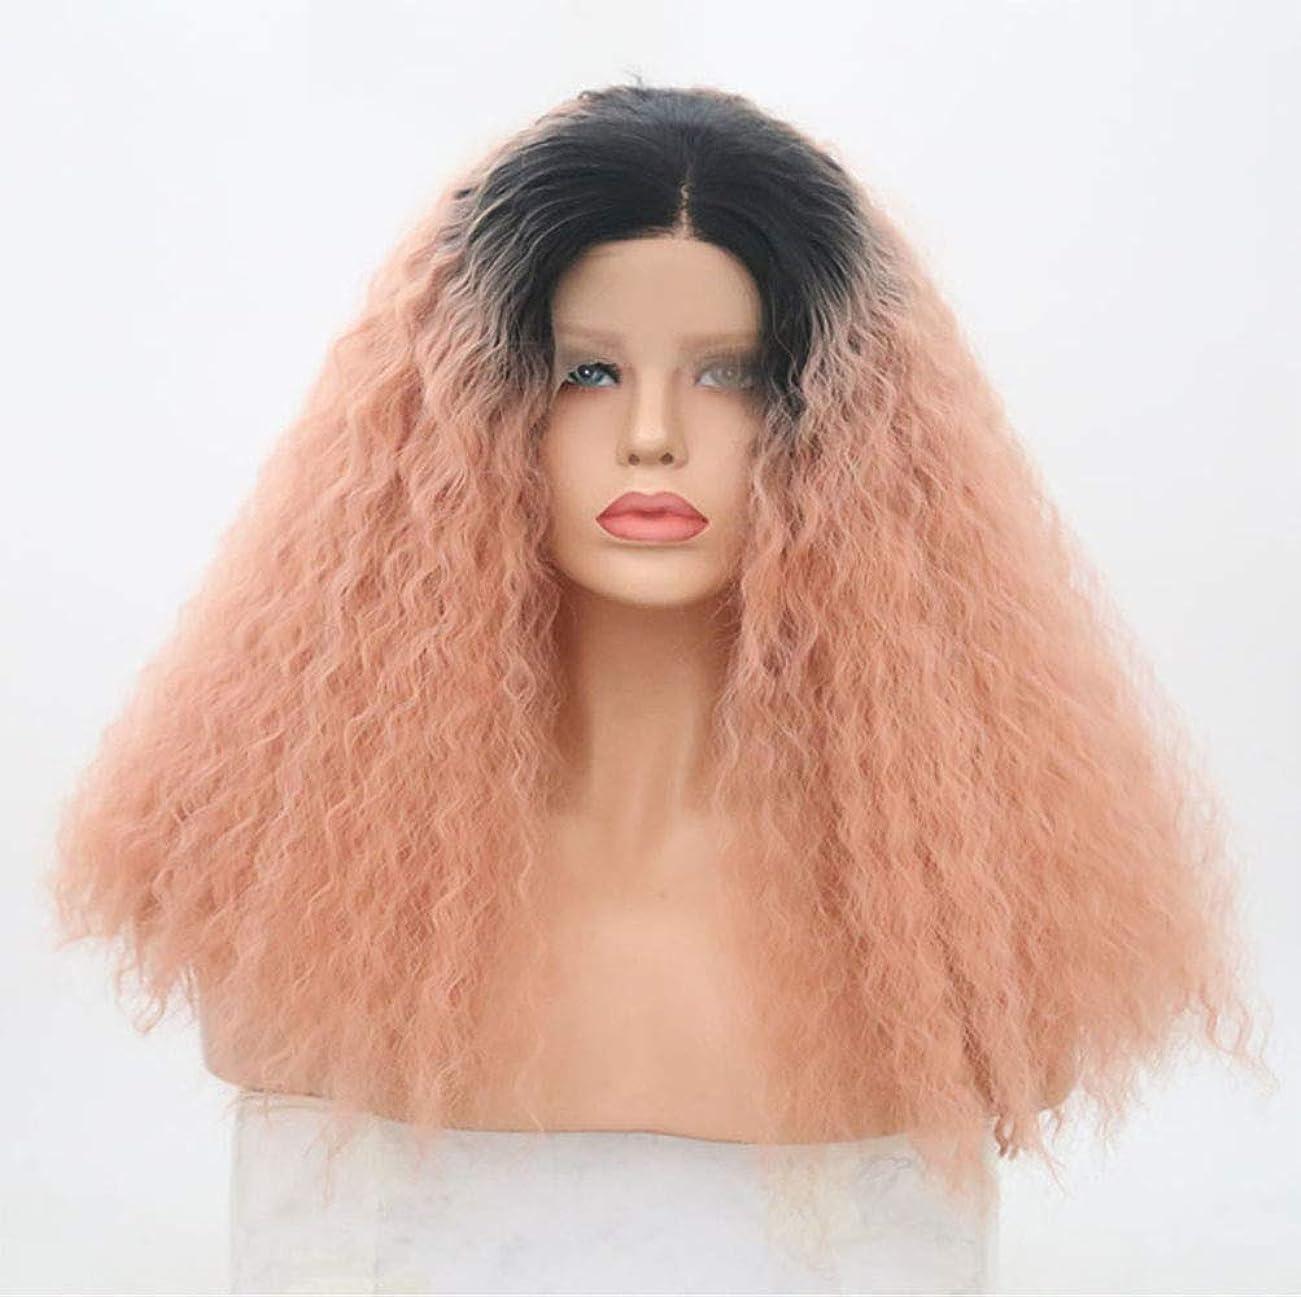 署名退化するプット女性合成レースフロントウィッグ天然毛髪180%密度長い巻き毛